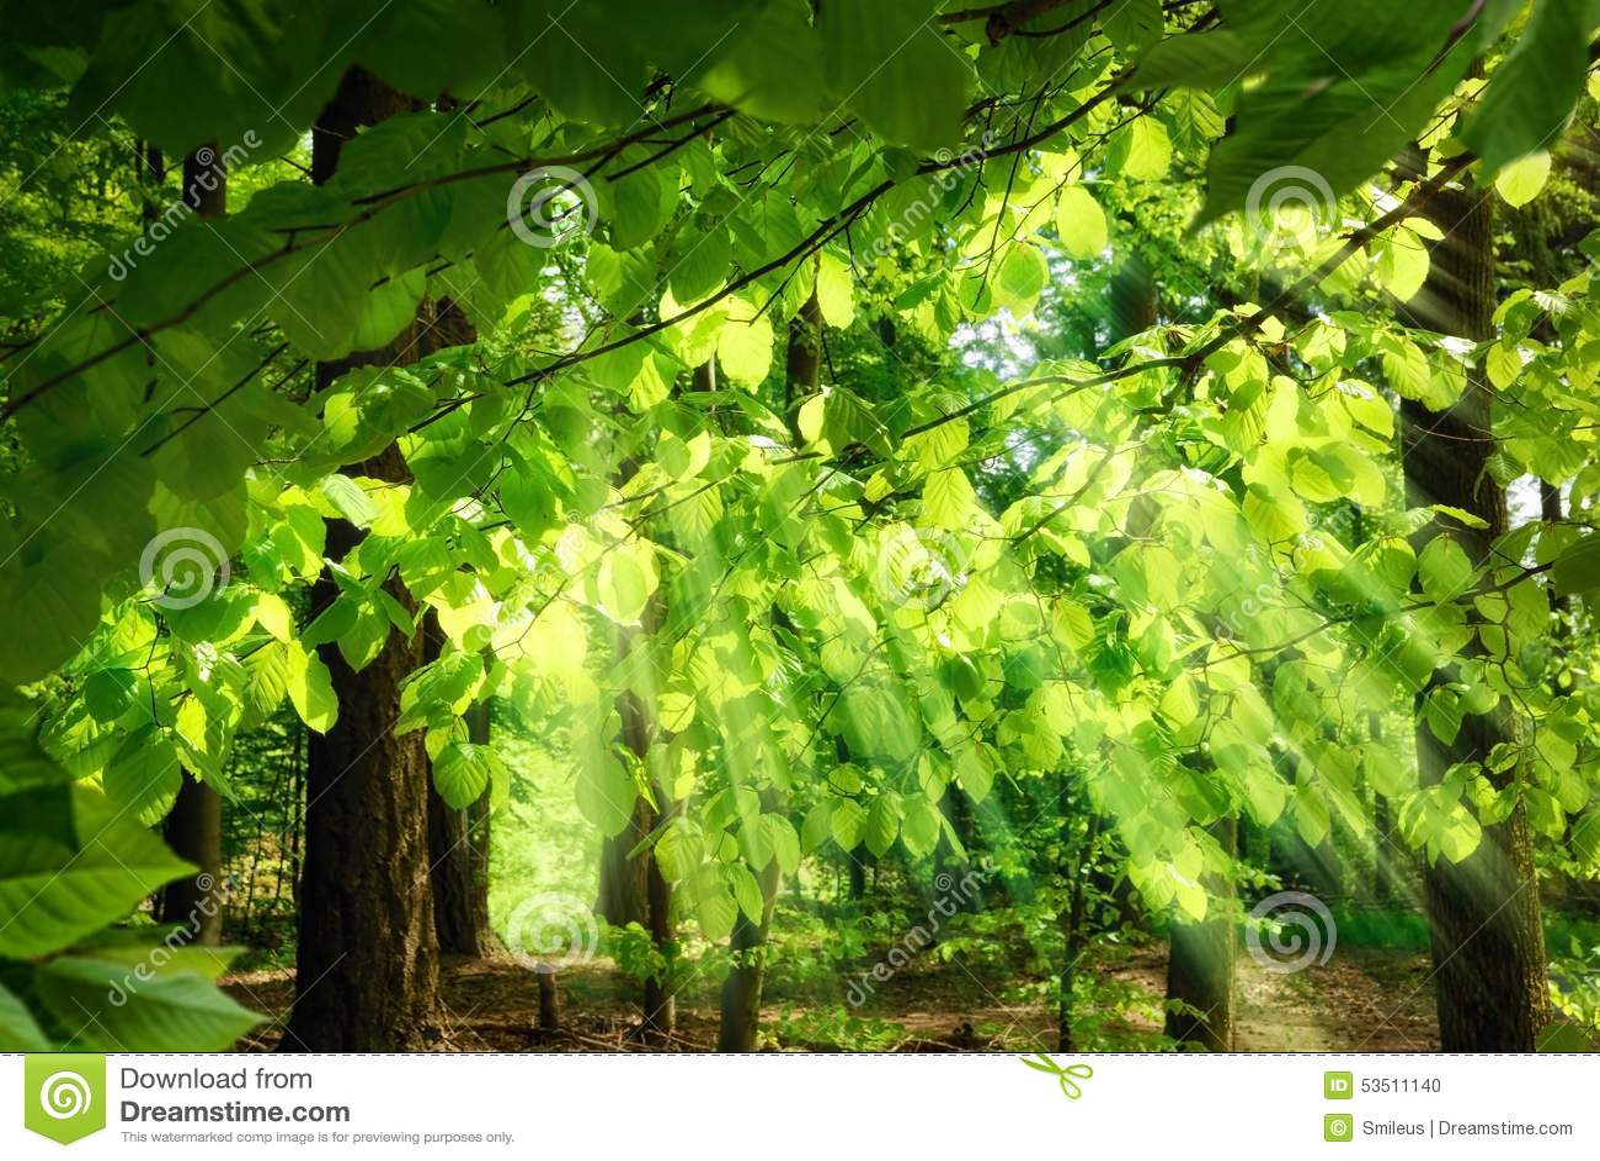 Stralen die van zonlicht door bladeren vallen